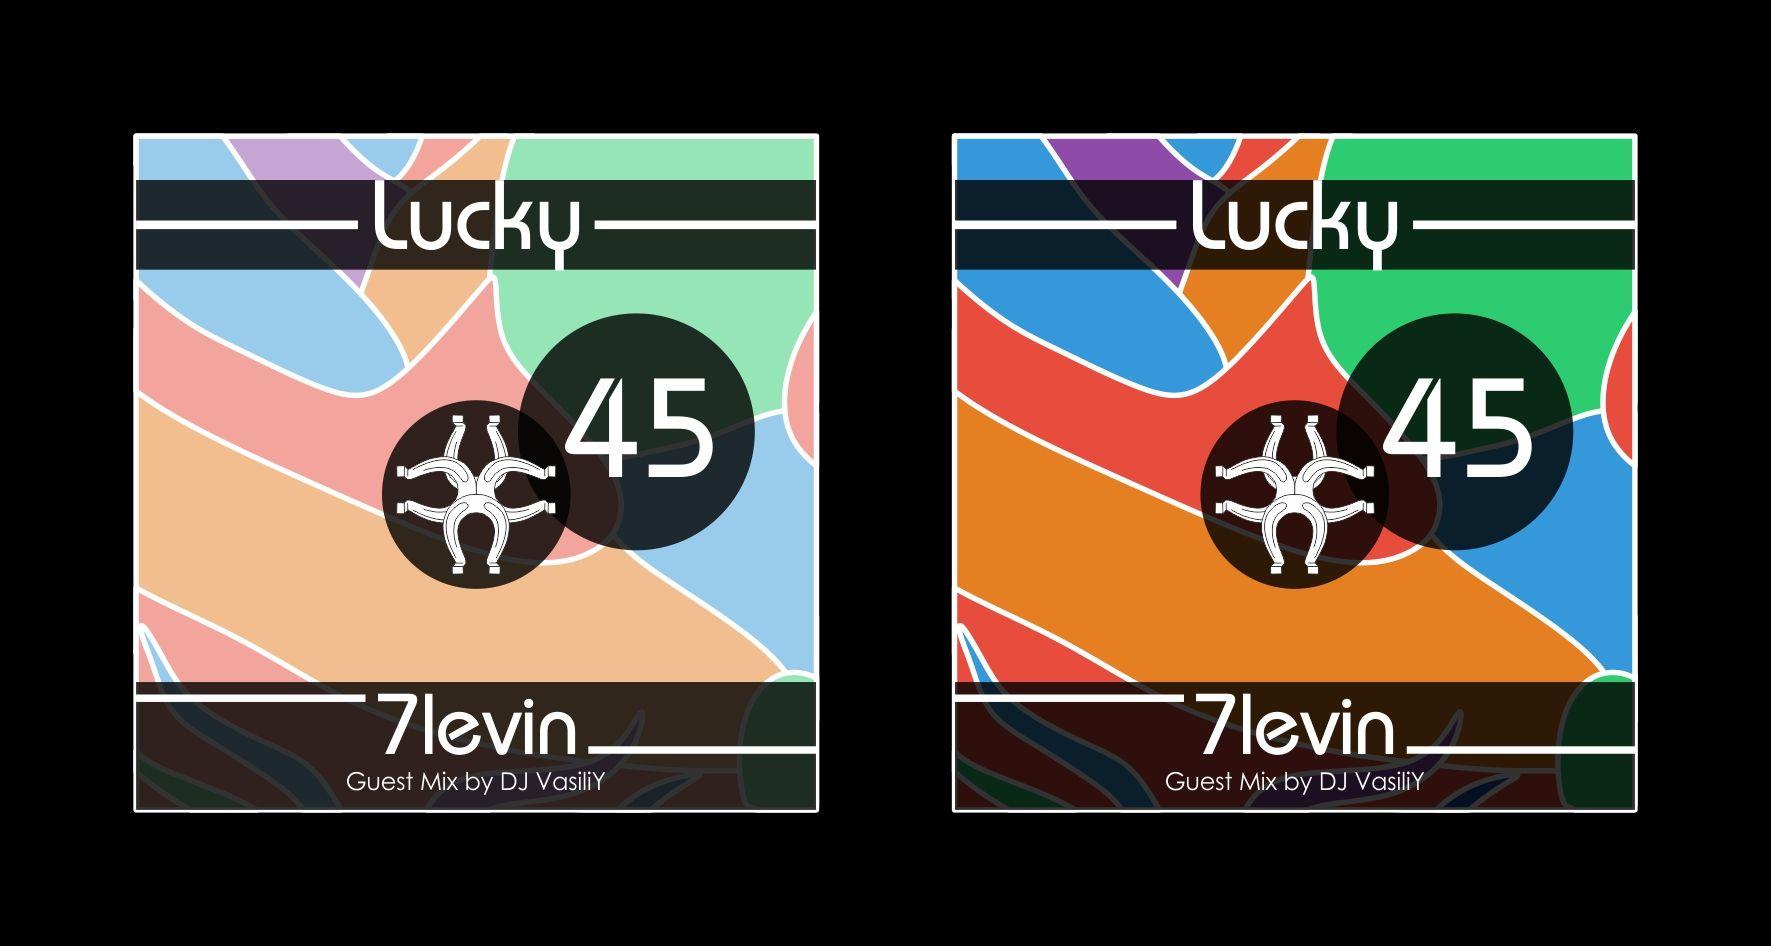 Обложка музыкального подкаста в iTunes - дизайнер blukki